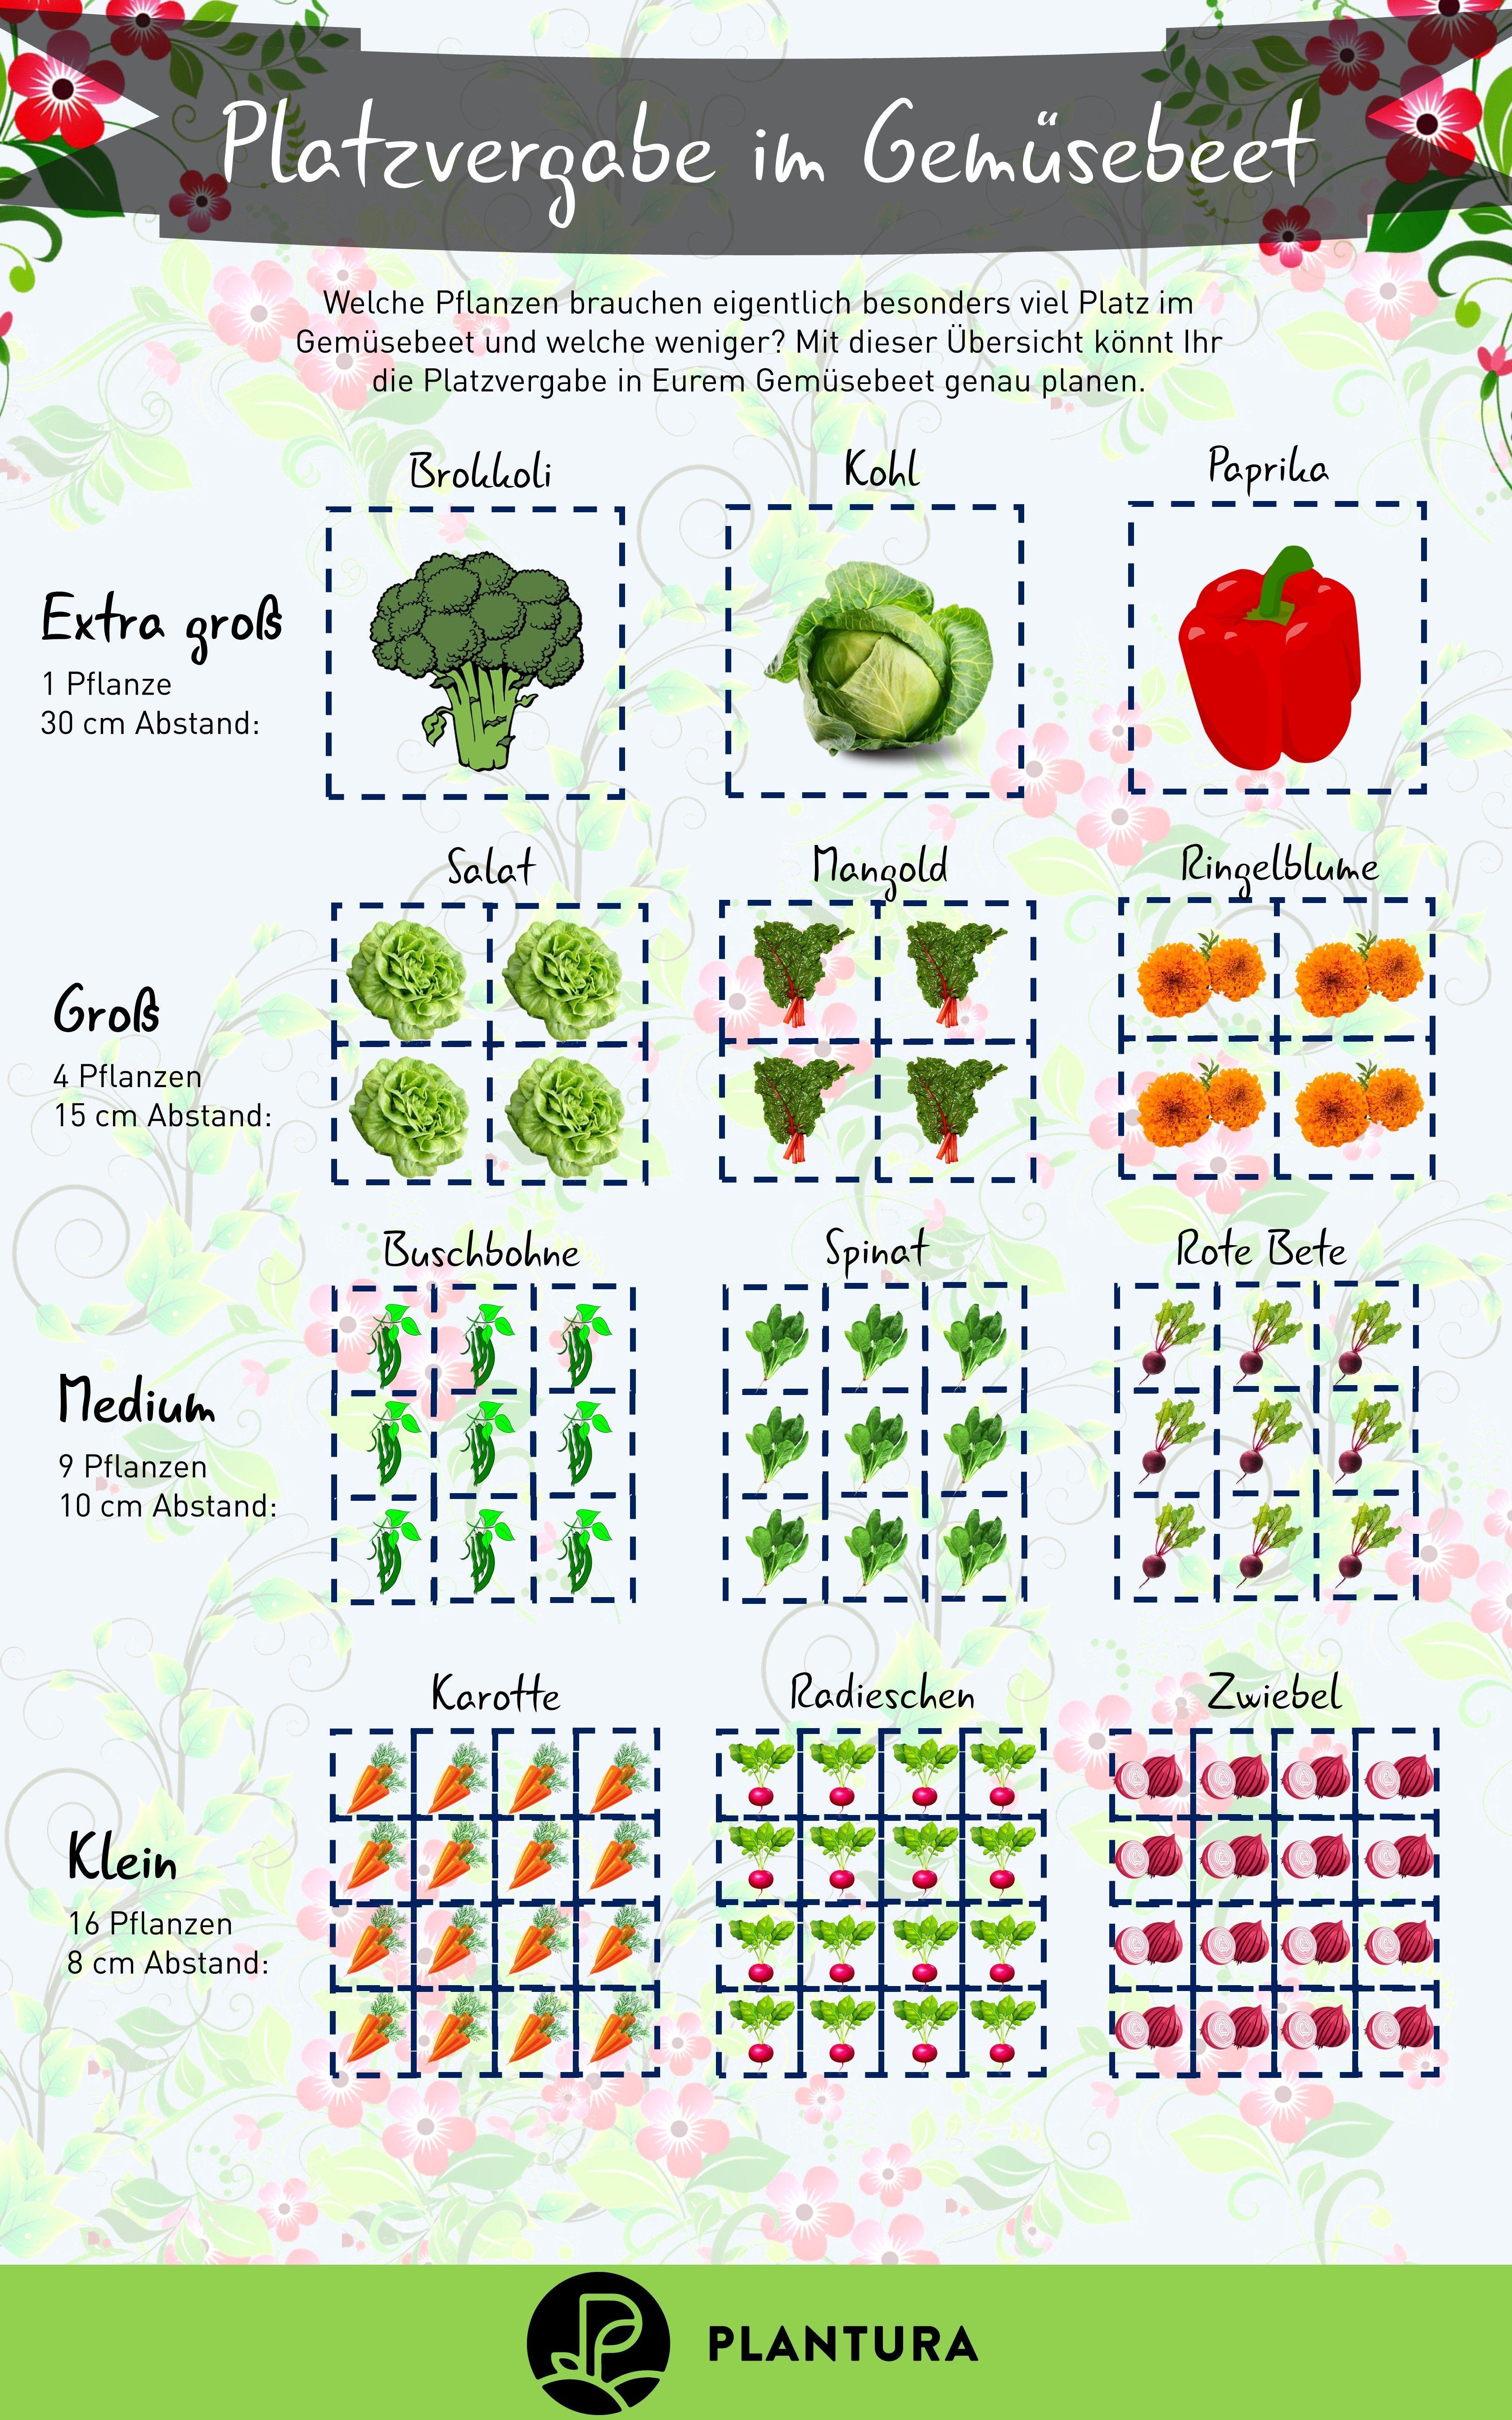 Hochbeet Bepflanzen Fruchtfolge Nutzliche Tipps Plantura Hochbeet Pflanzen Hochbeet Bepflanzen Garten Hochbeet